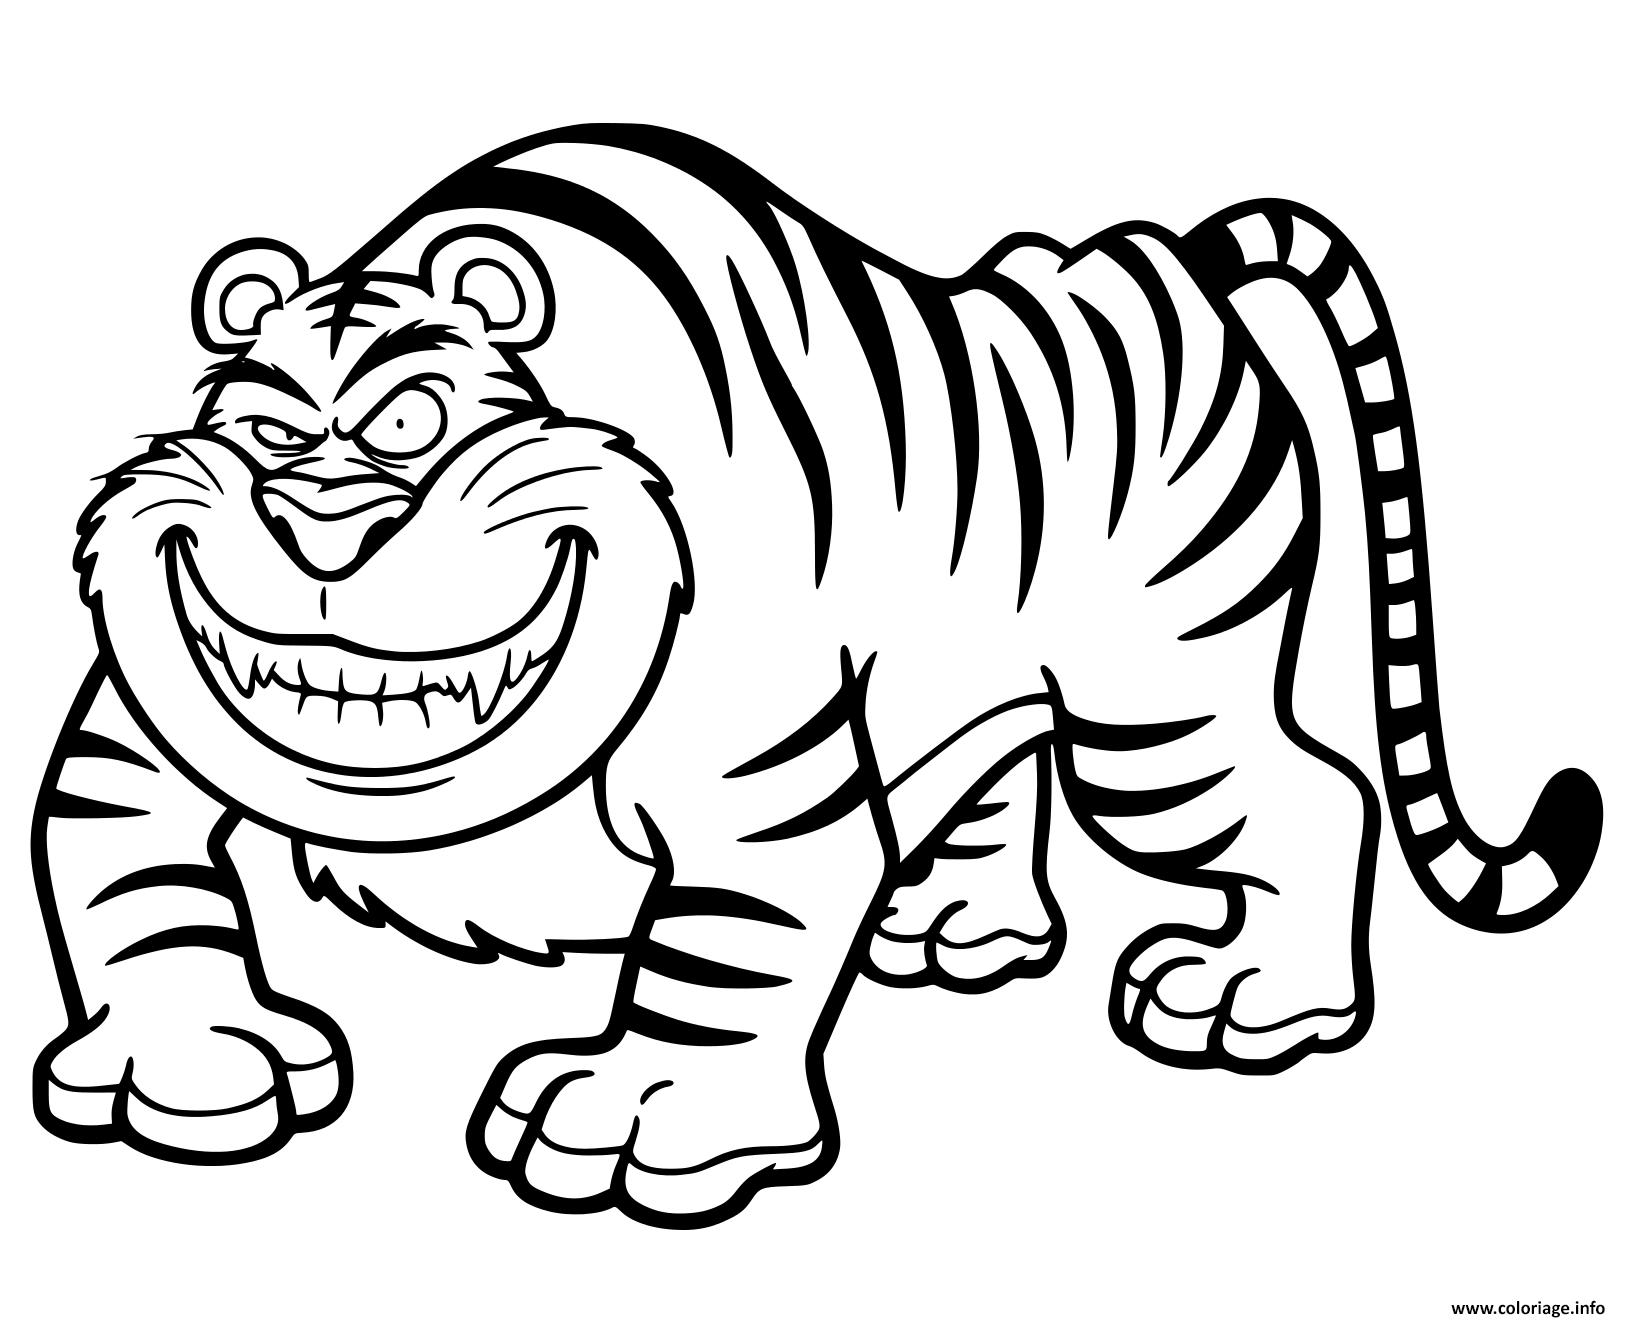 Coloriage Tigre Cartoon Amusant Jecolorie Com